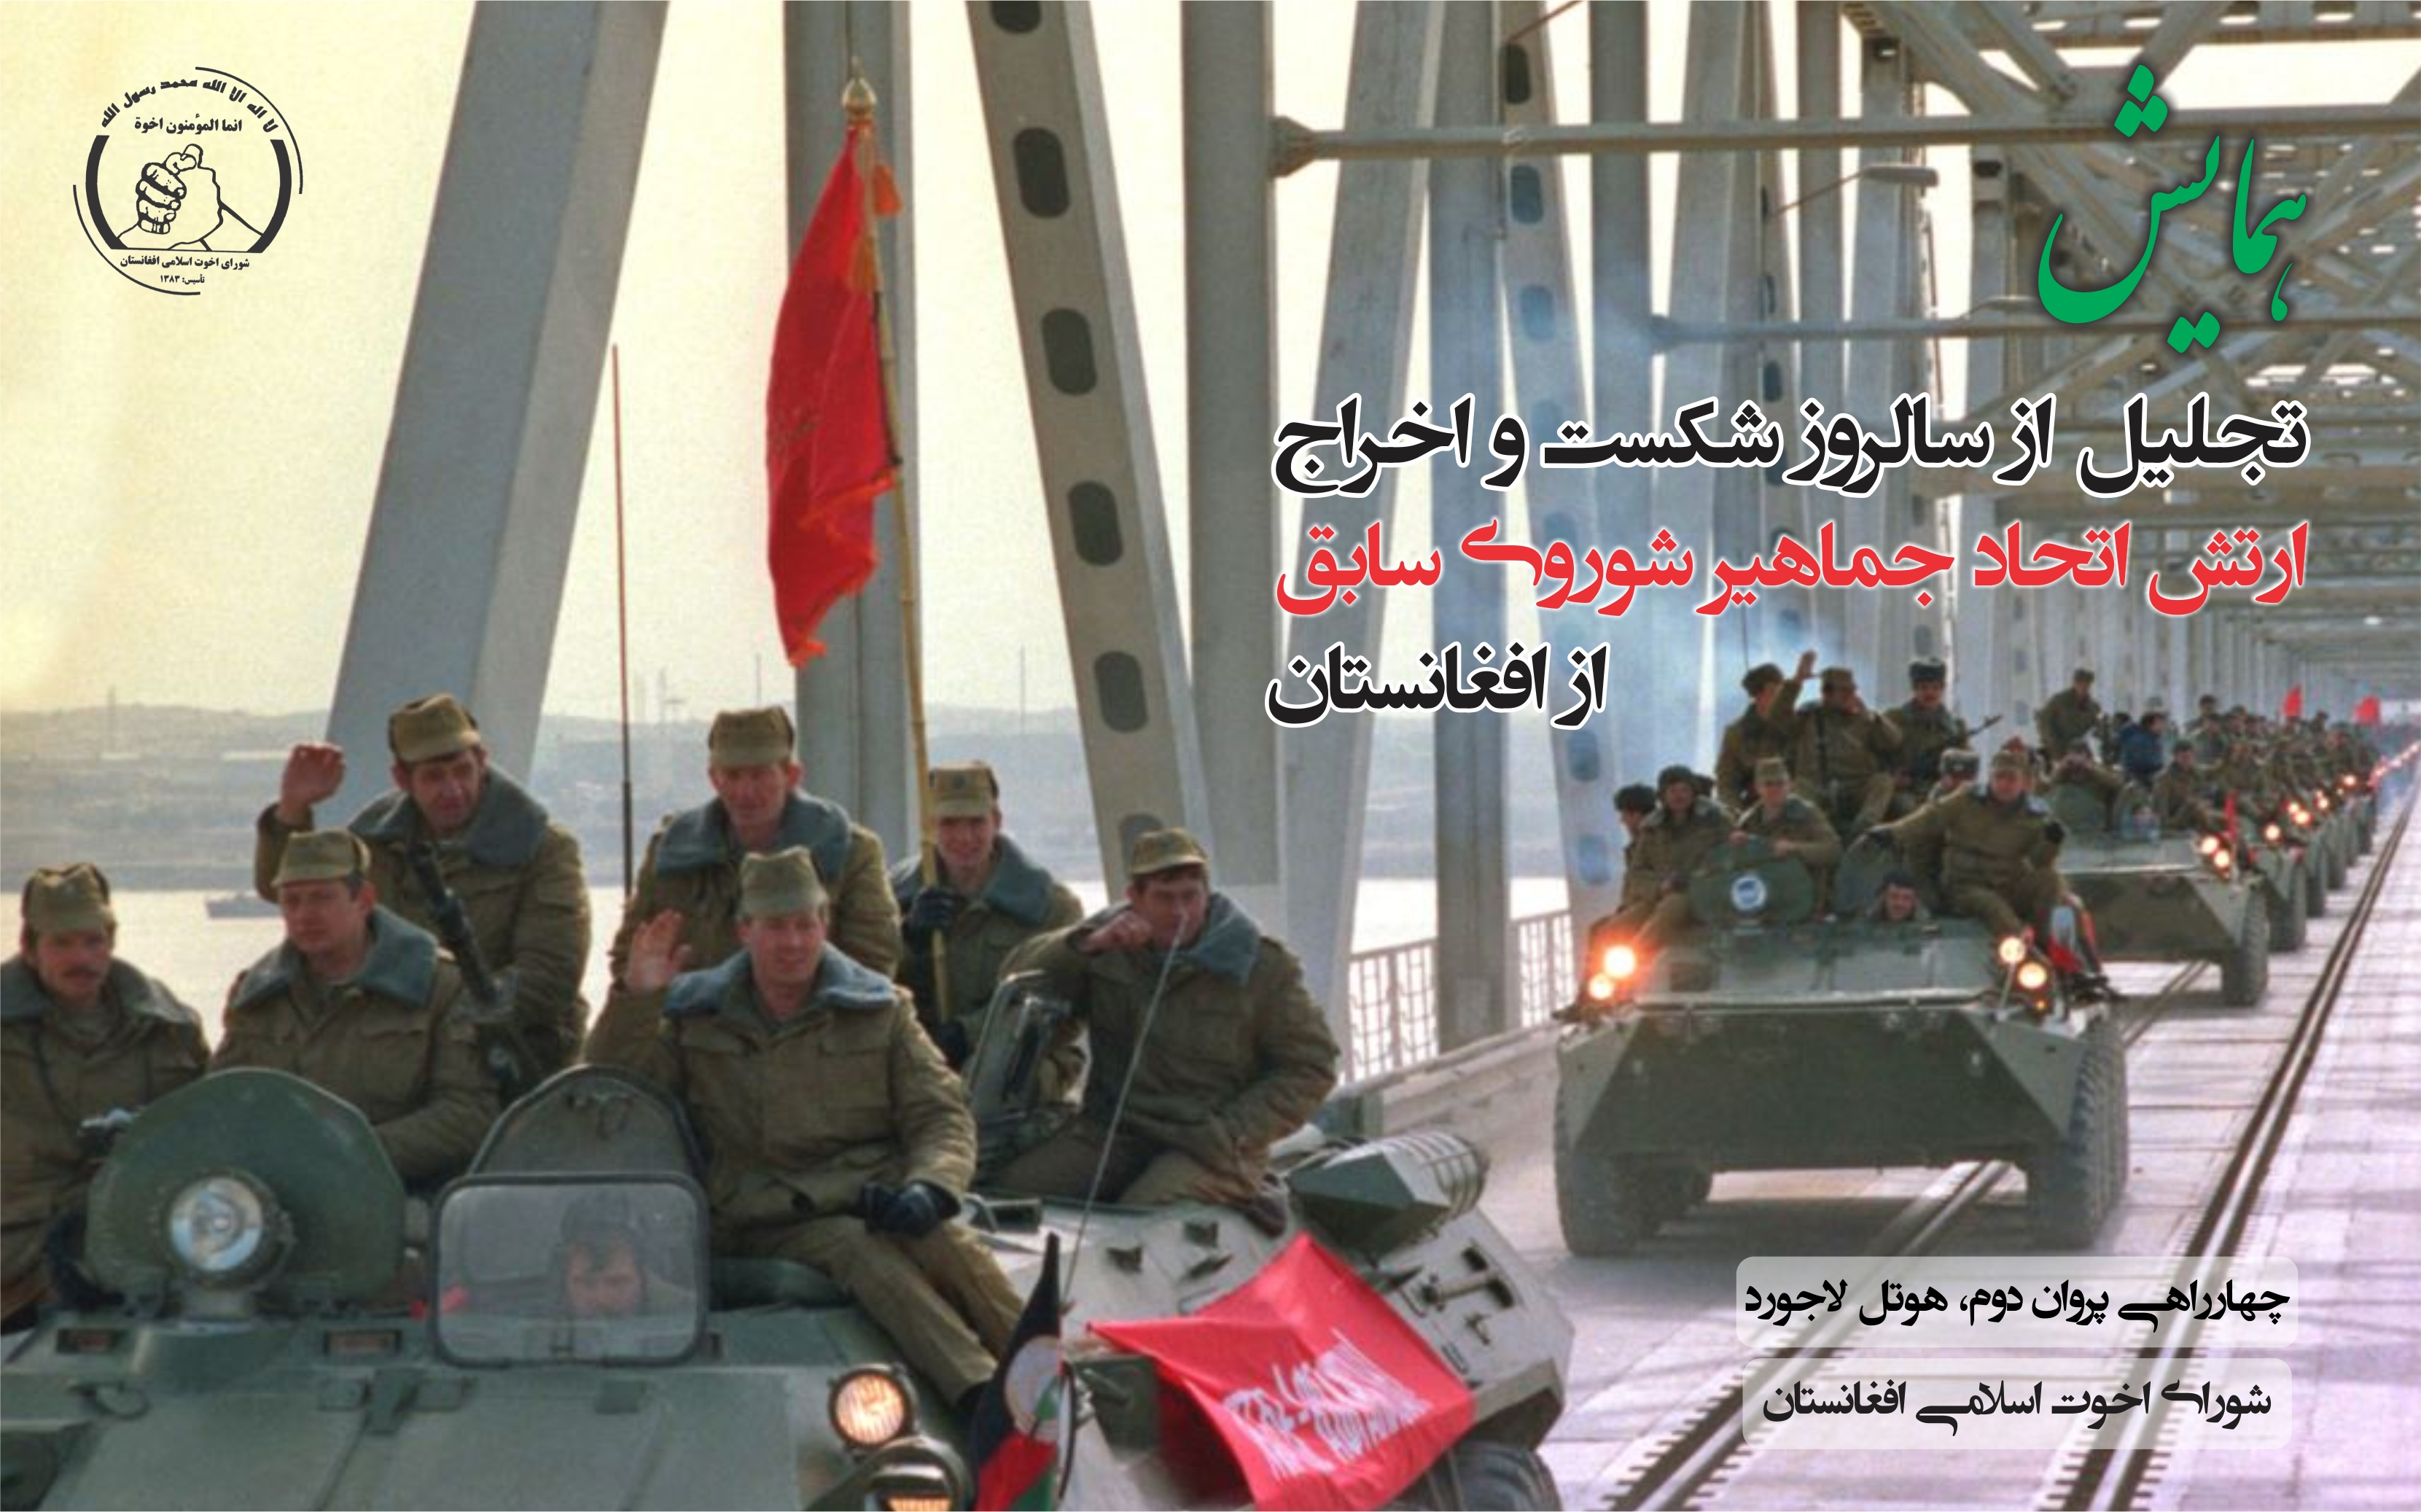 همایش؛ سالروز شکست و اخراج اتحاد جماهیر شوری سابق از افغانستان